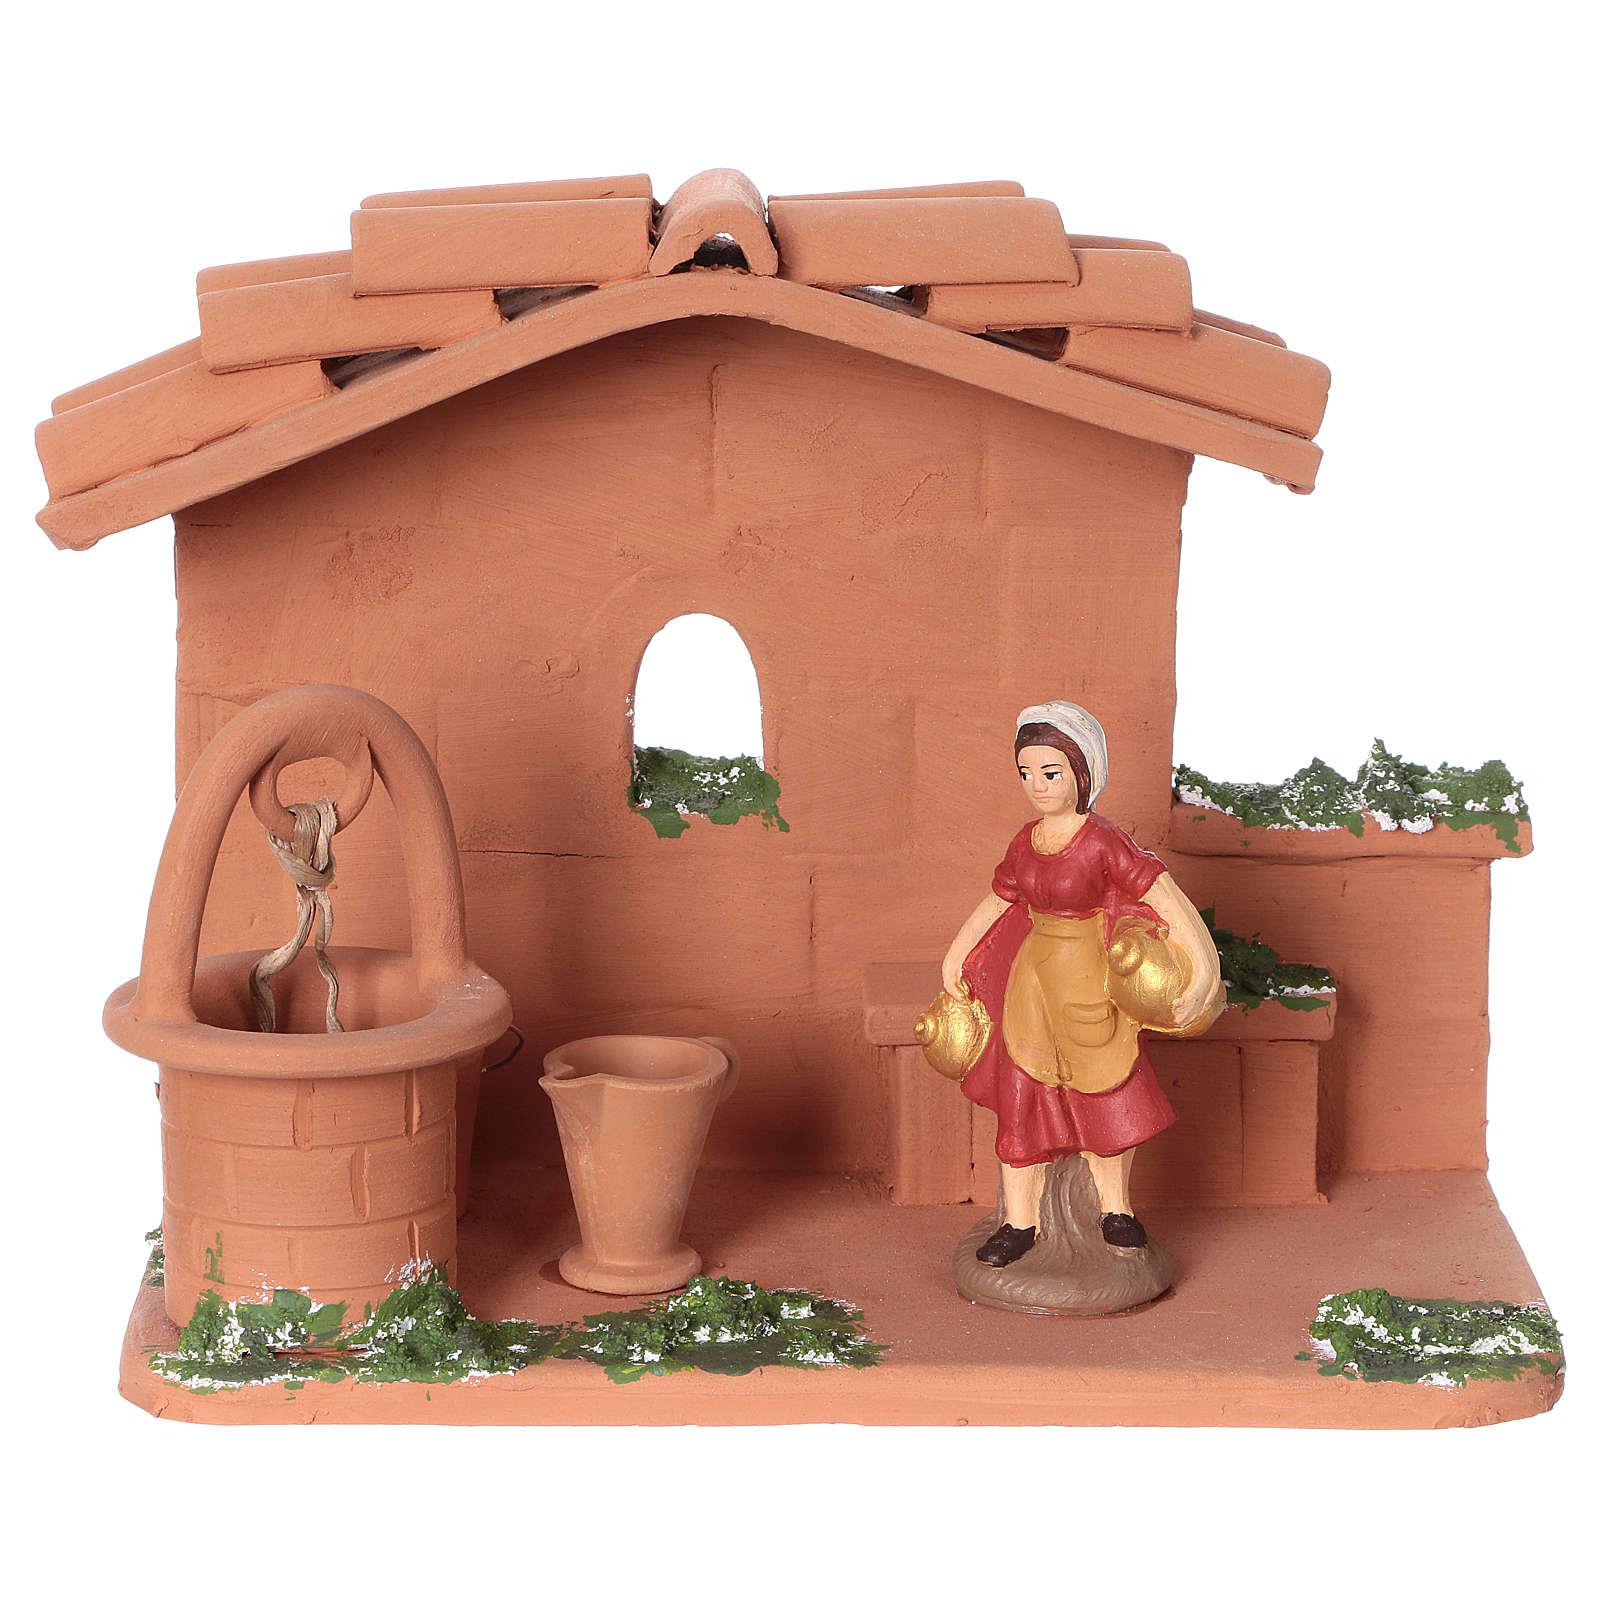 Femme au puits en terre cuite crèche 10 cm Deruta 4